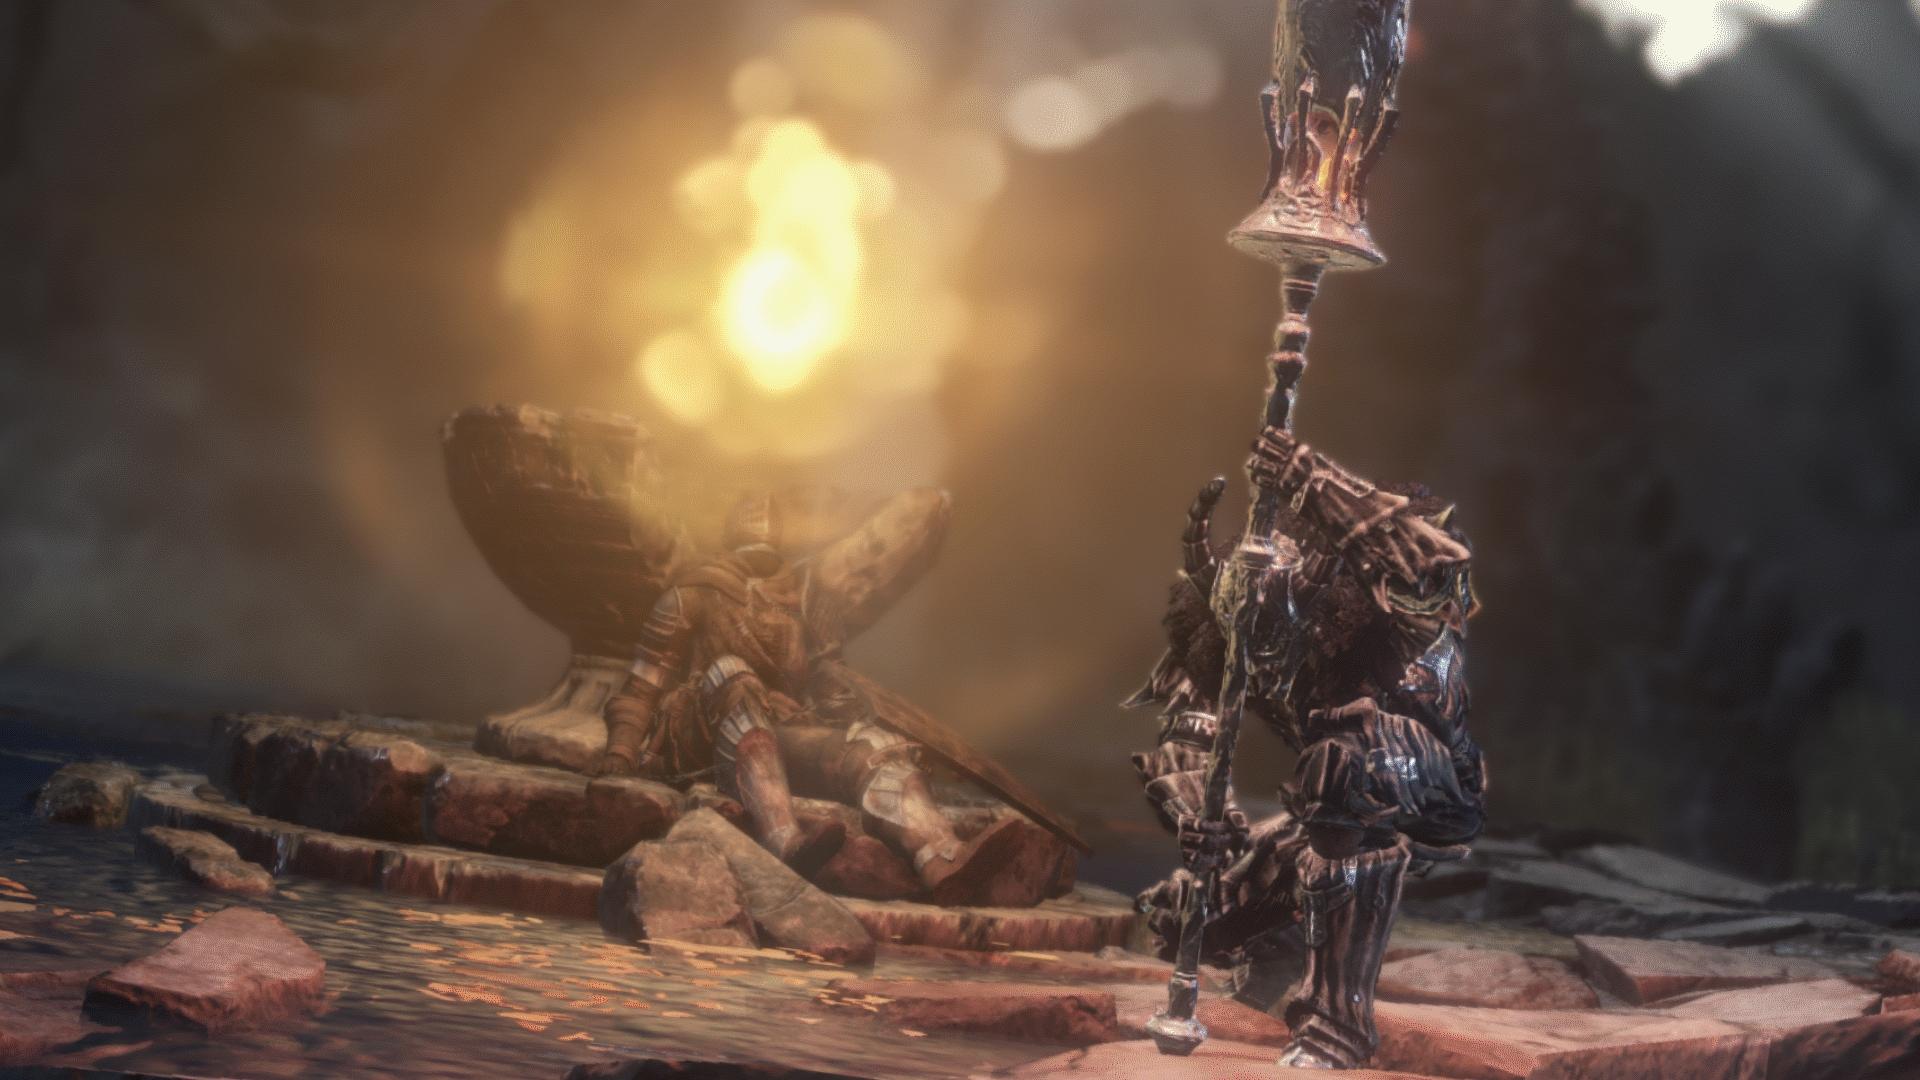 《黑暗之魂3》新Mod发布 加入新魔法/职业/Boss等